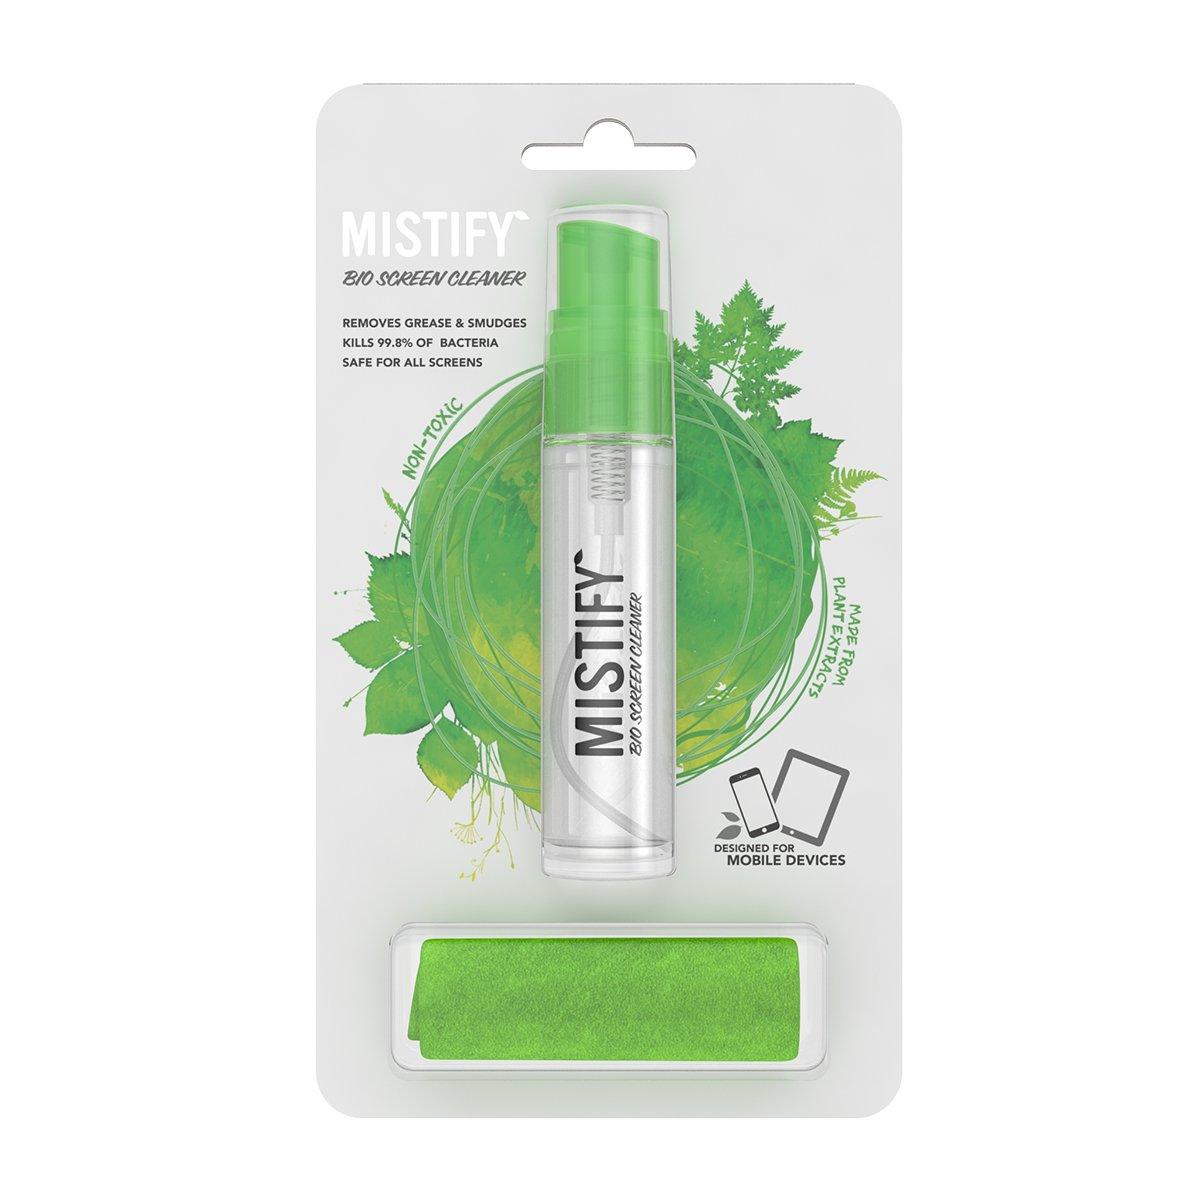 Mistify Spray Naturale per lo Schermo 40 ml + Panno Microfibre Antibatterico (Non Tossico, Sicuro, E